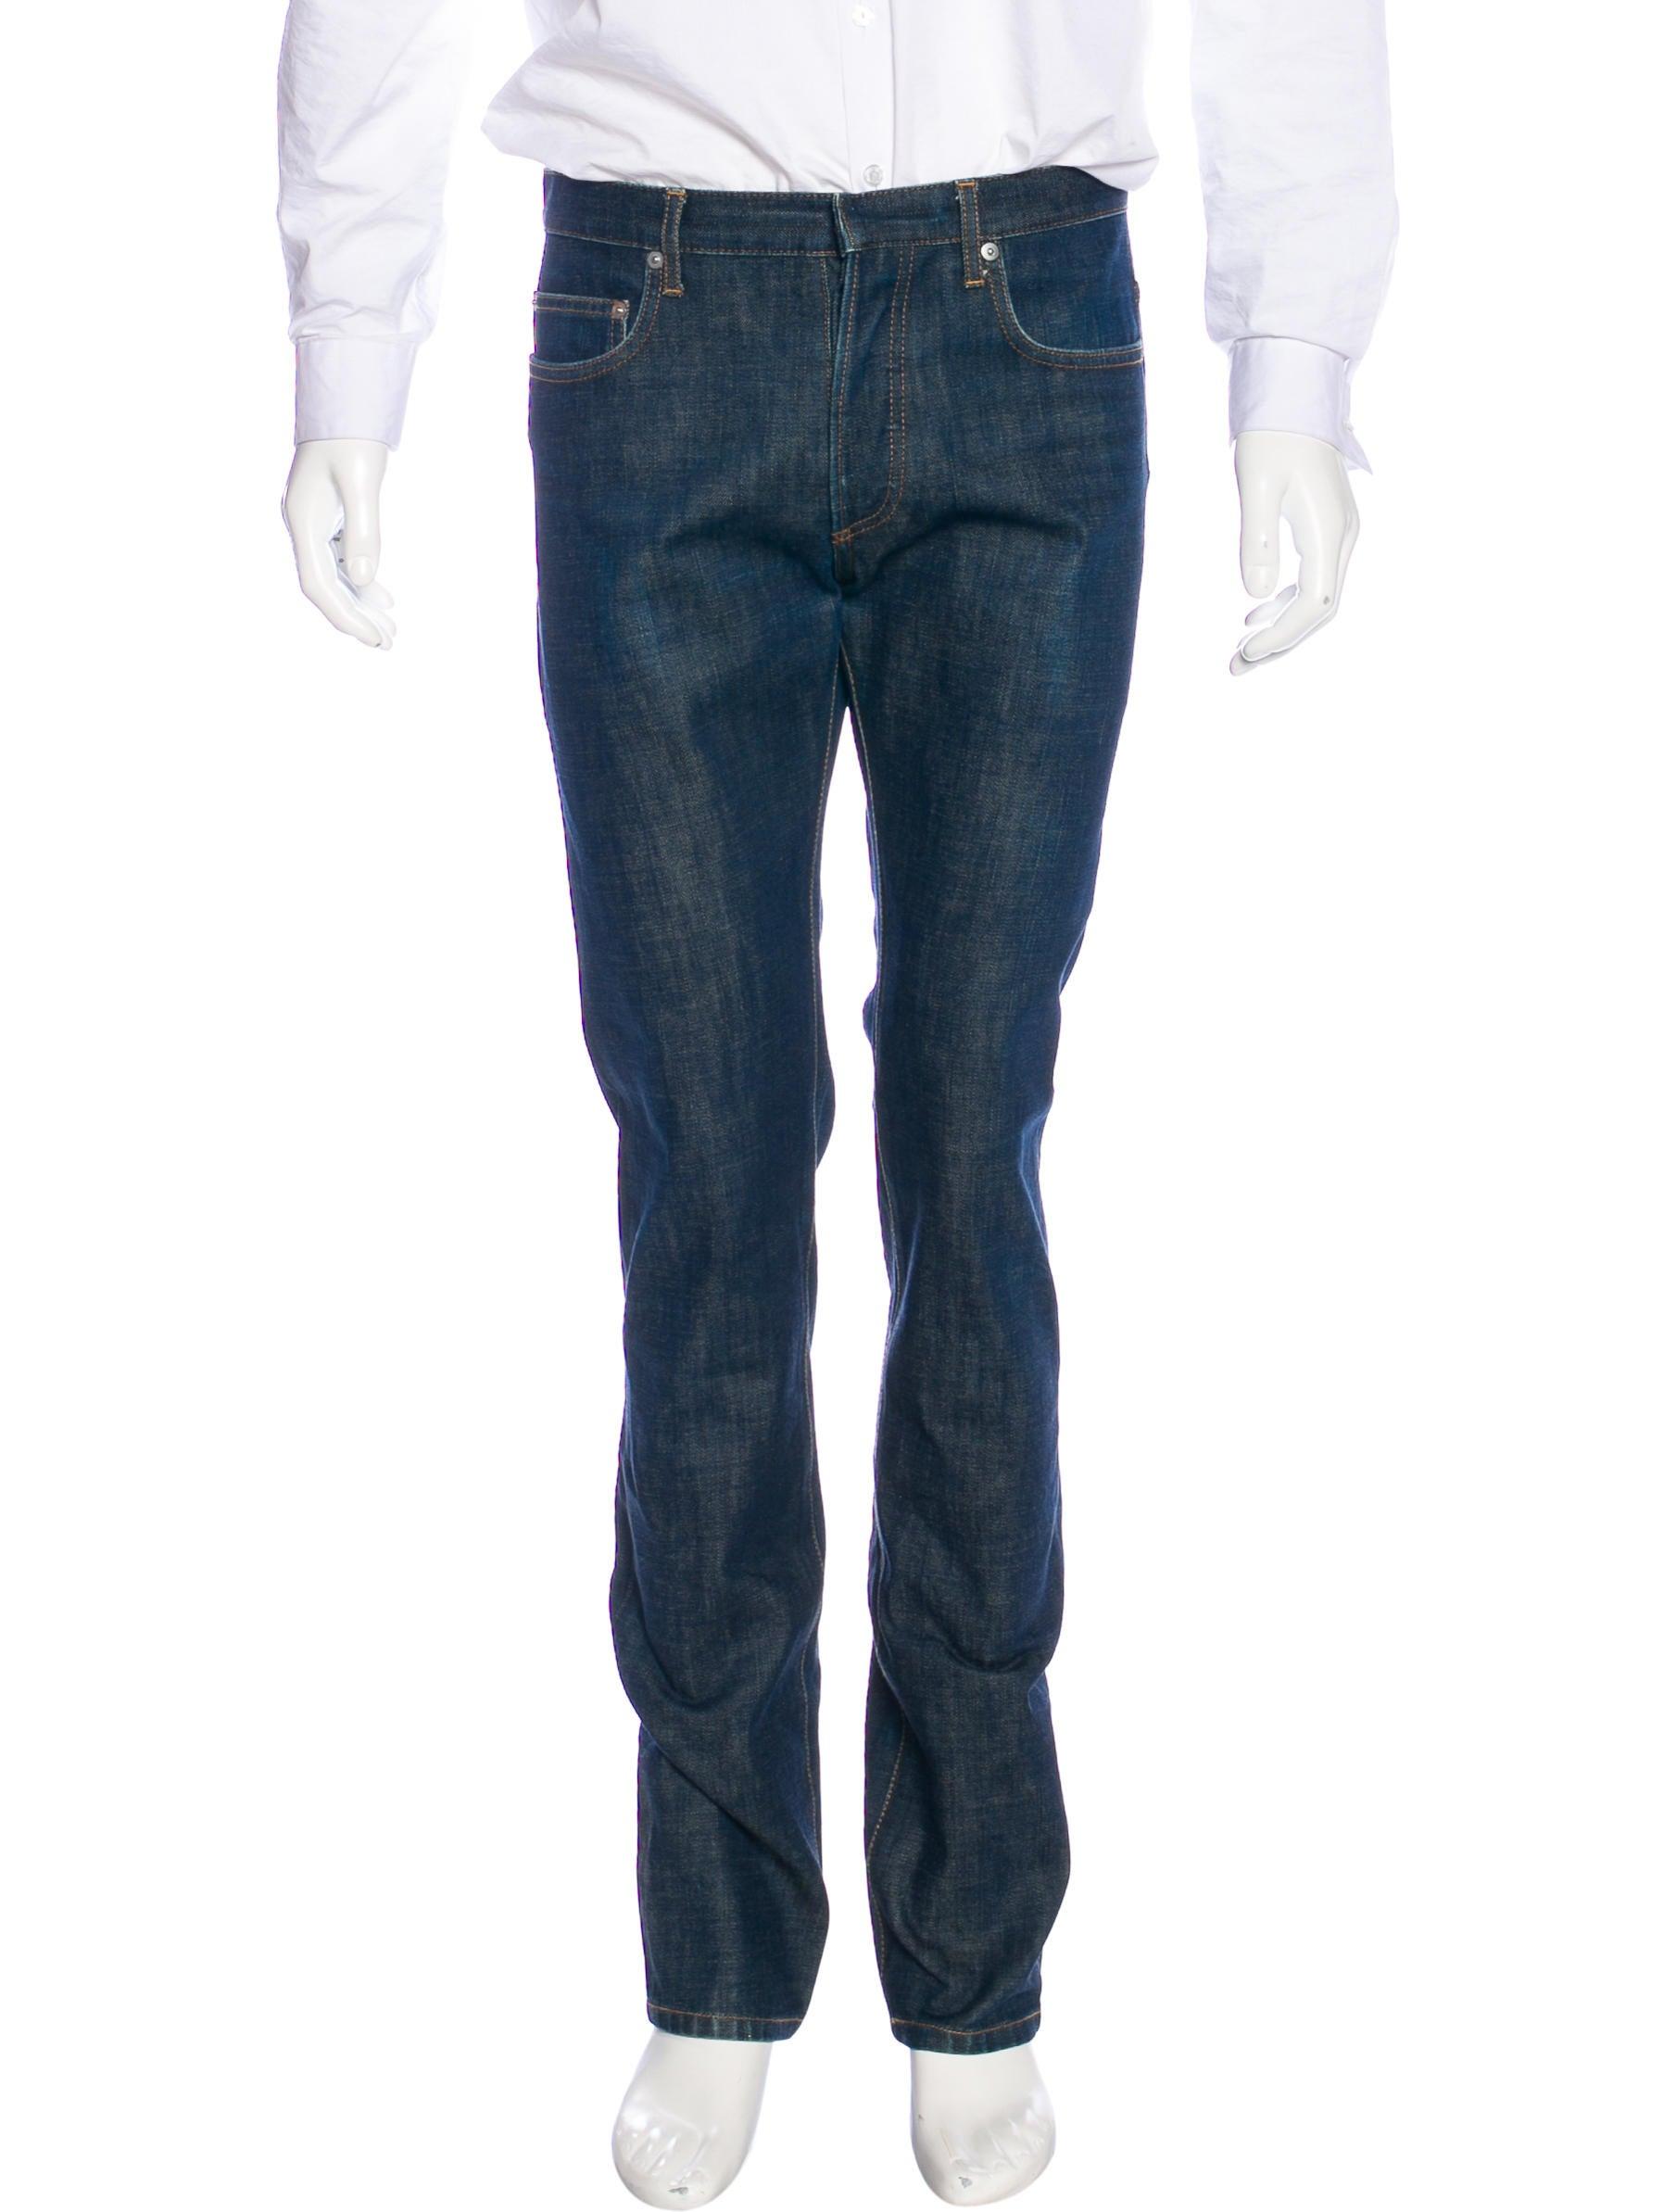 dior homme five pocket slim jeans clothing hmm23505. Black Bedroom Furniture Sets. Home Design Ideas